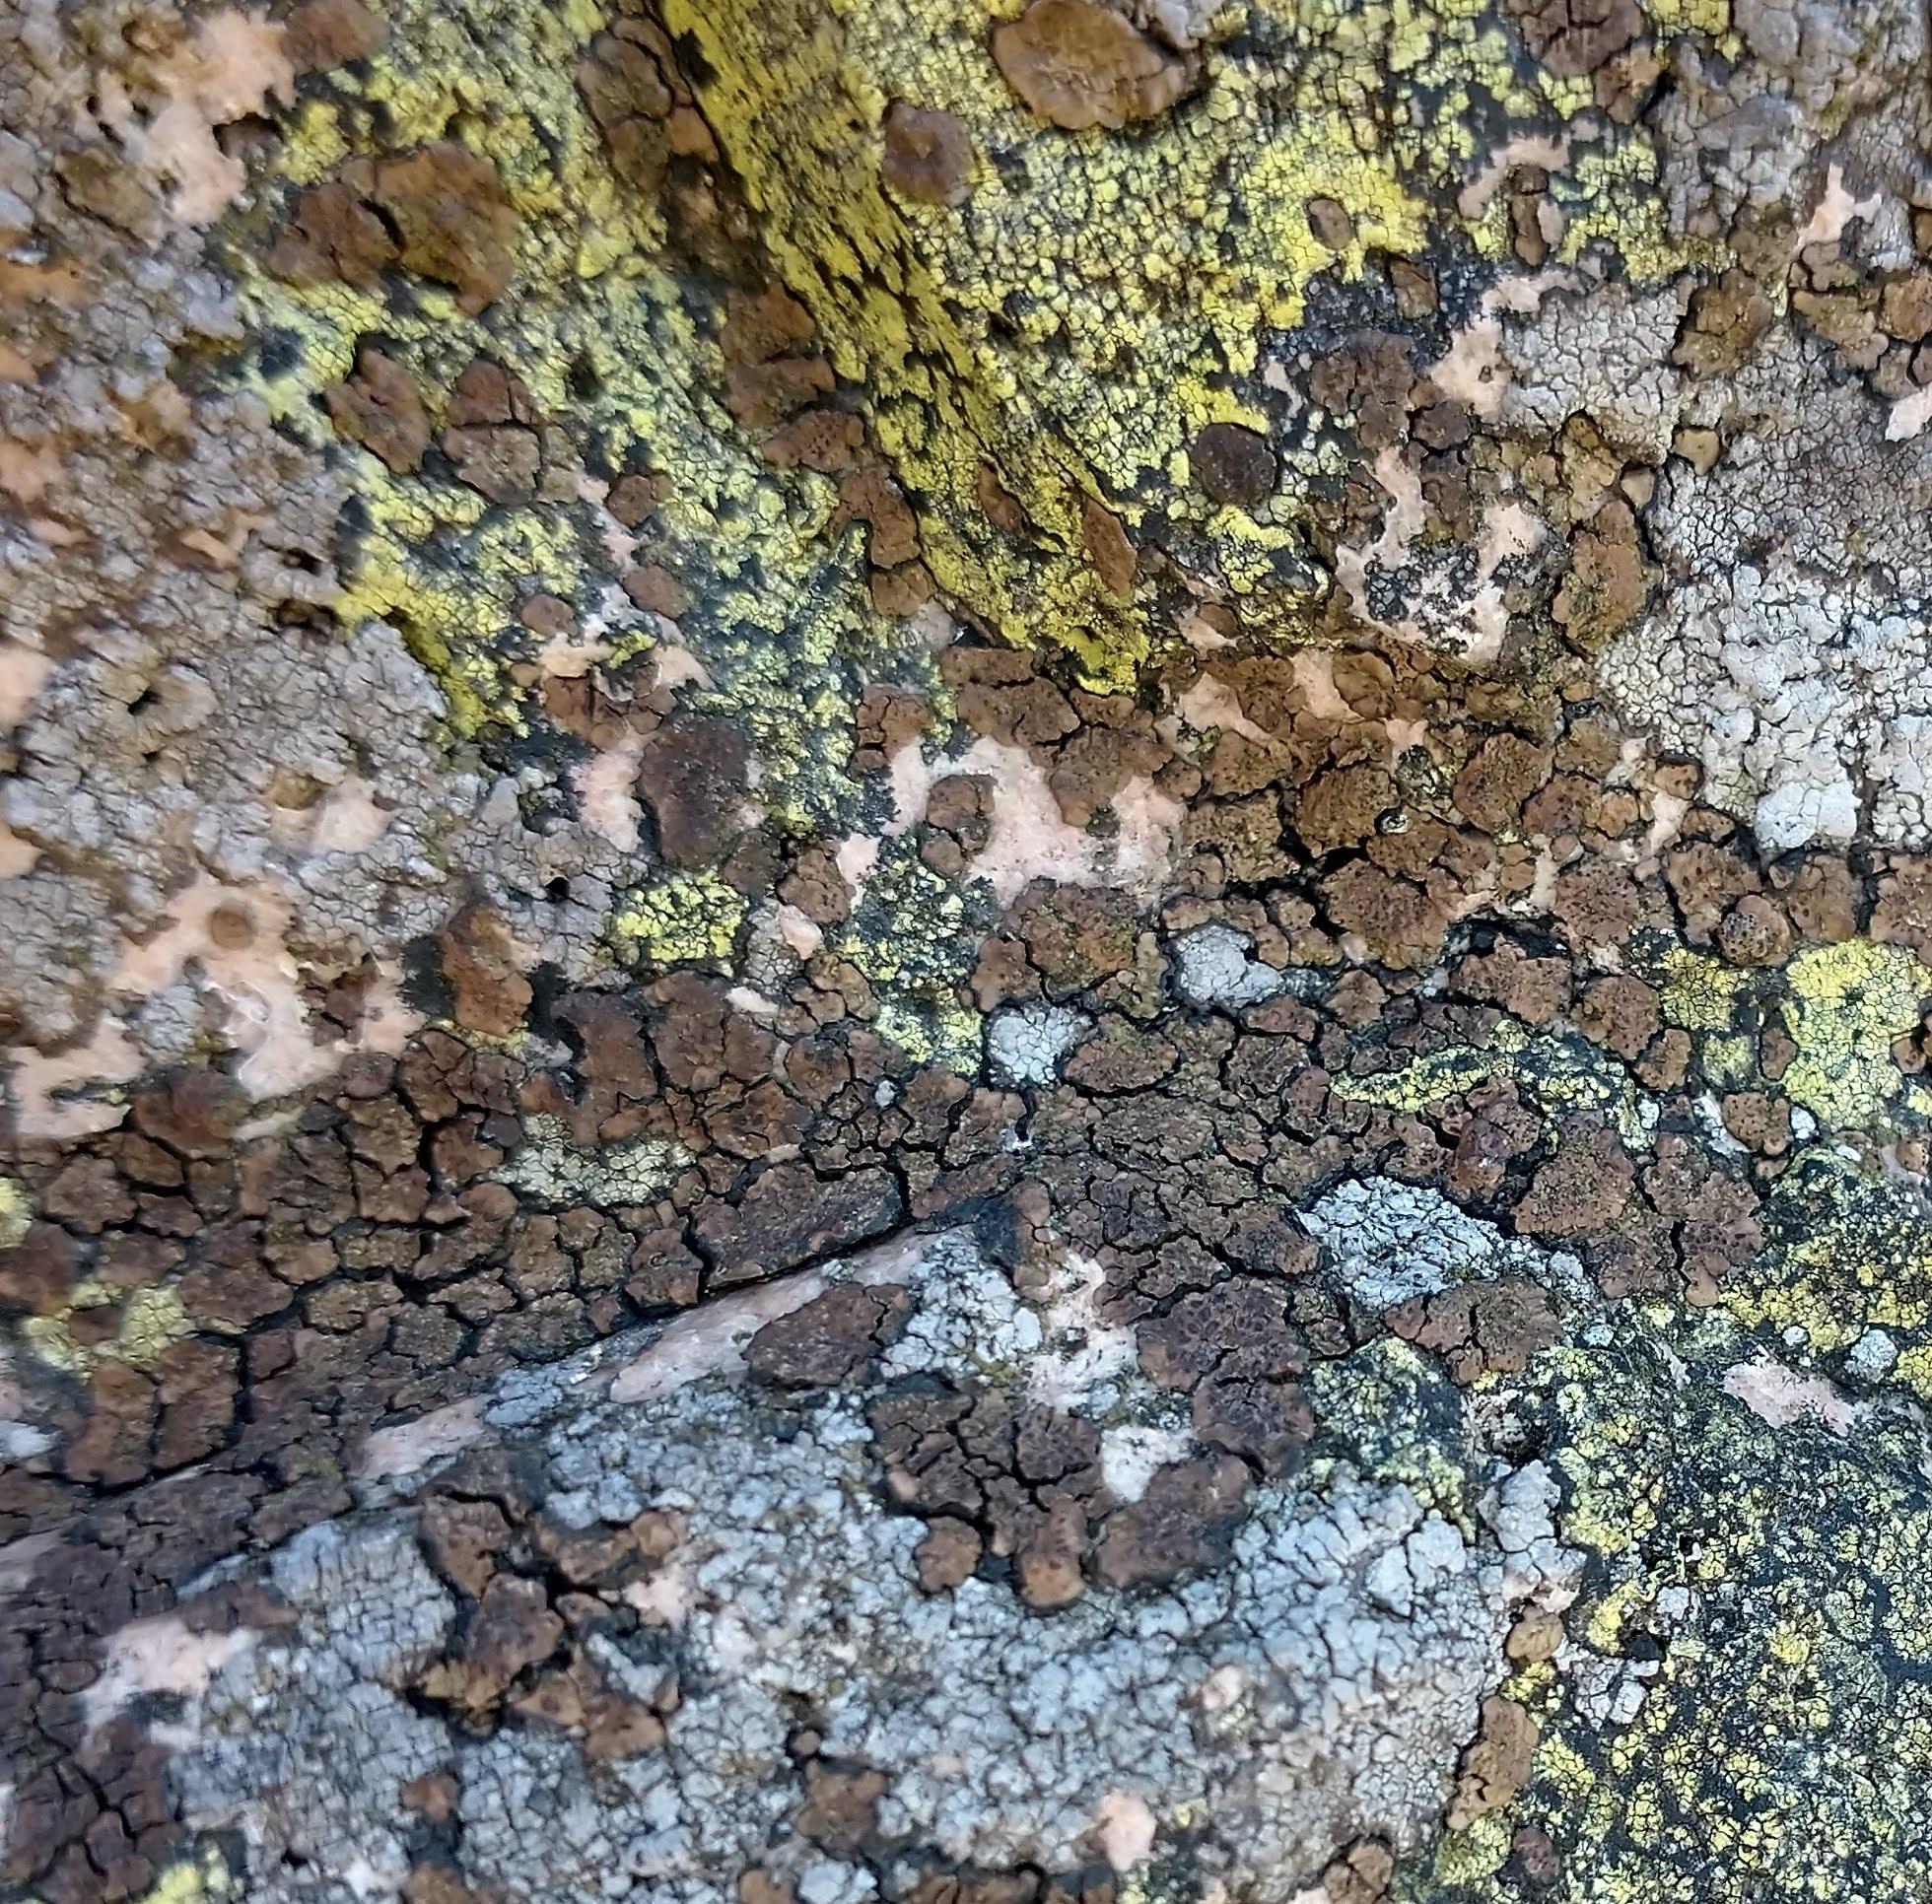 Acarospora fuscata